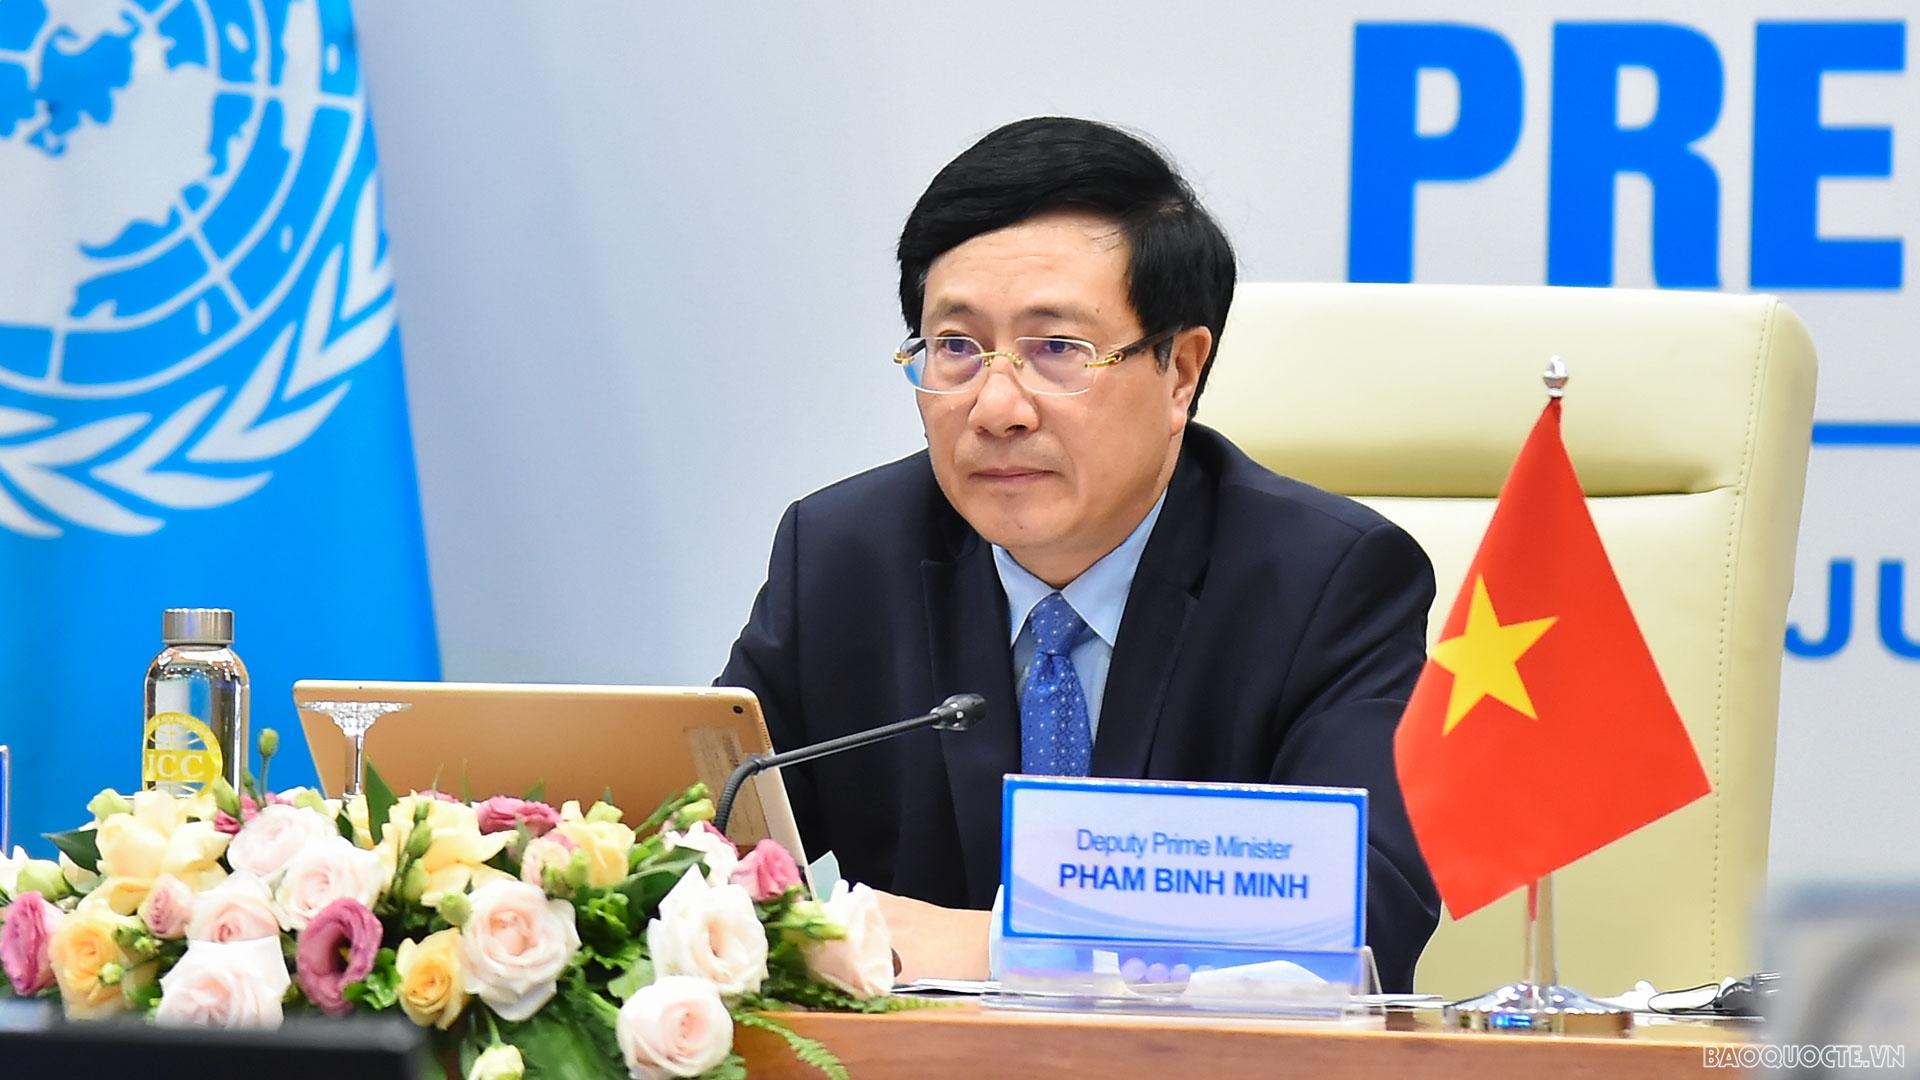 Phó Thủ tướng Phạm Bình Minh: Tăng cường và nâng cao hiệu quả hợp tác quốc tế để chiến thắng đói nghèo